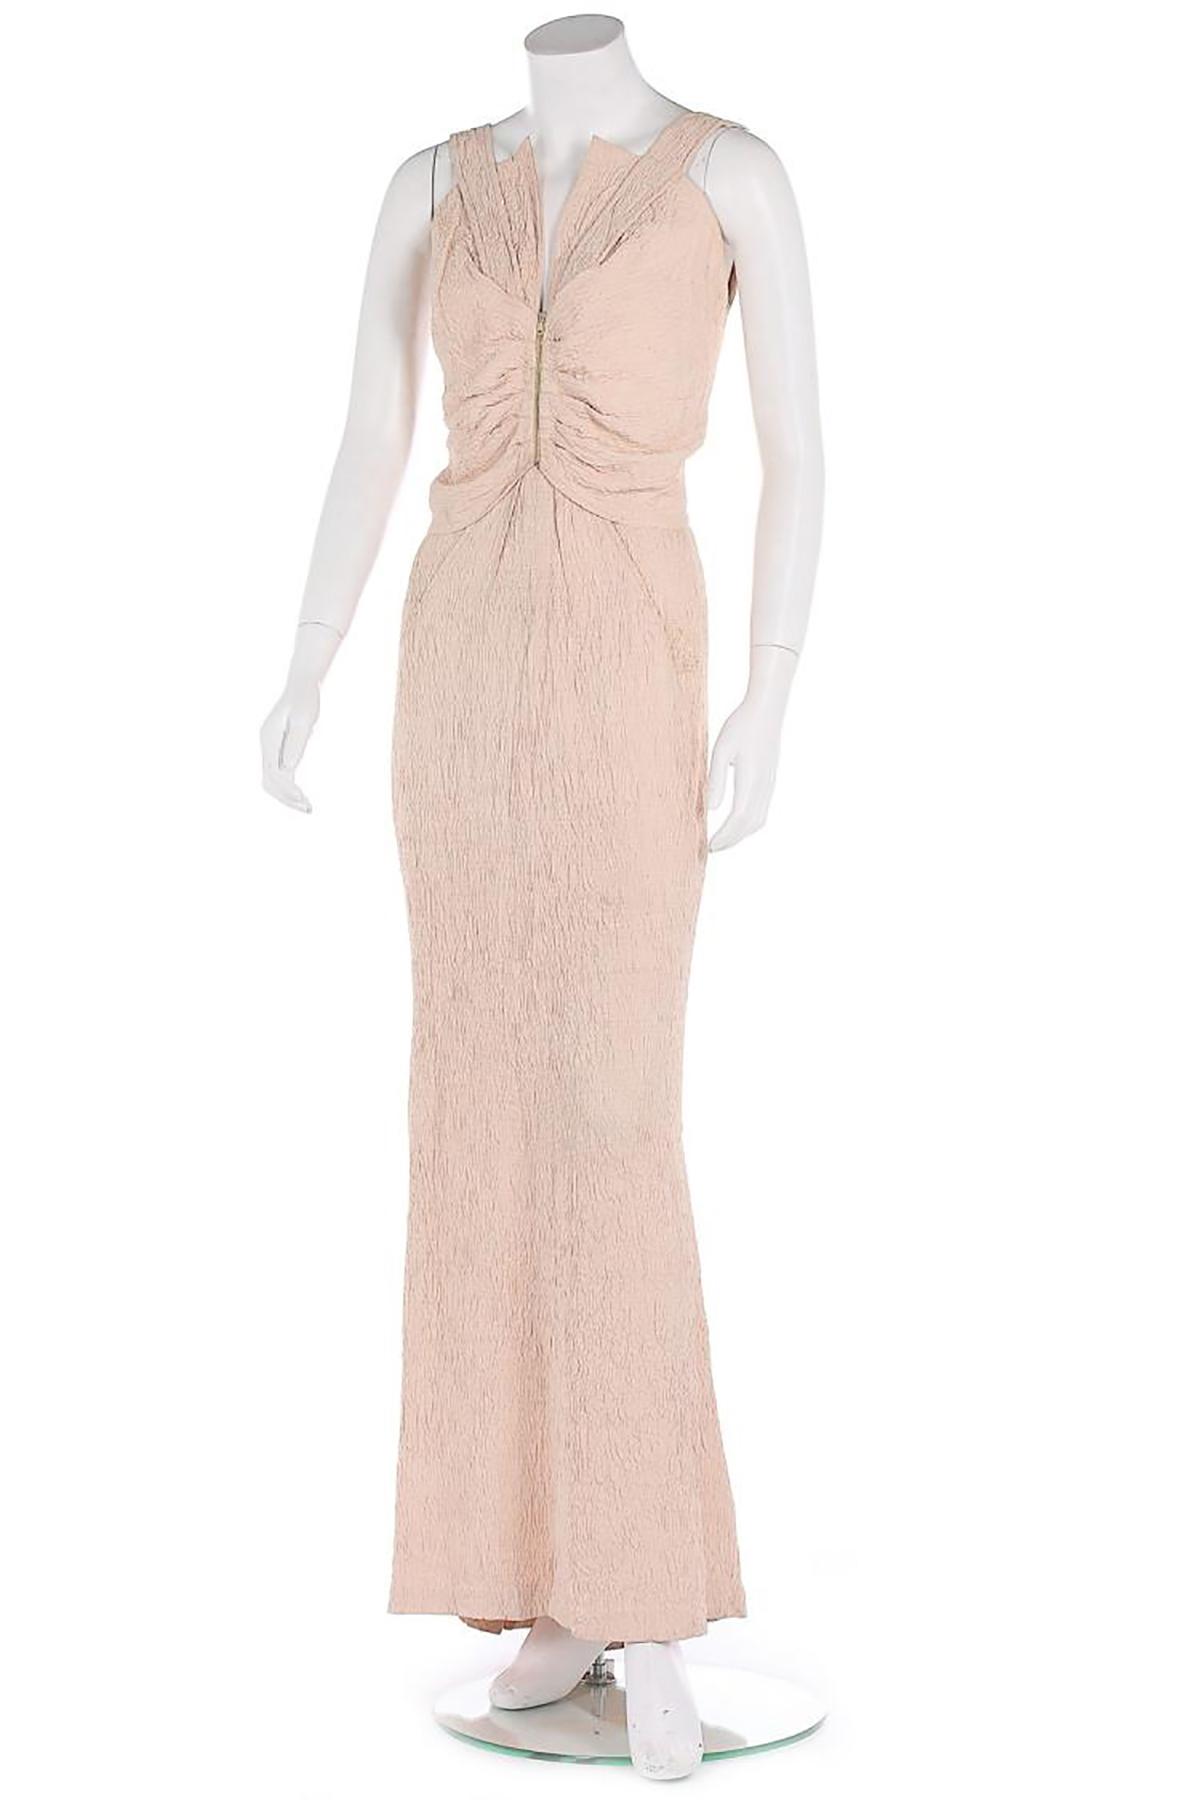 Lucien Lelong dress, 1938